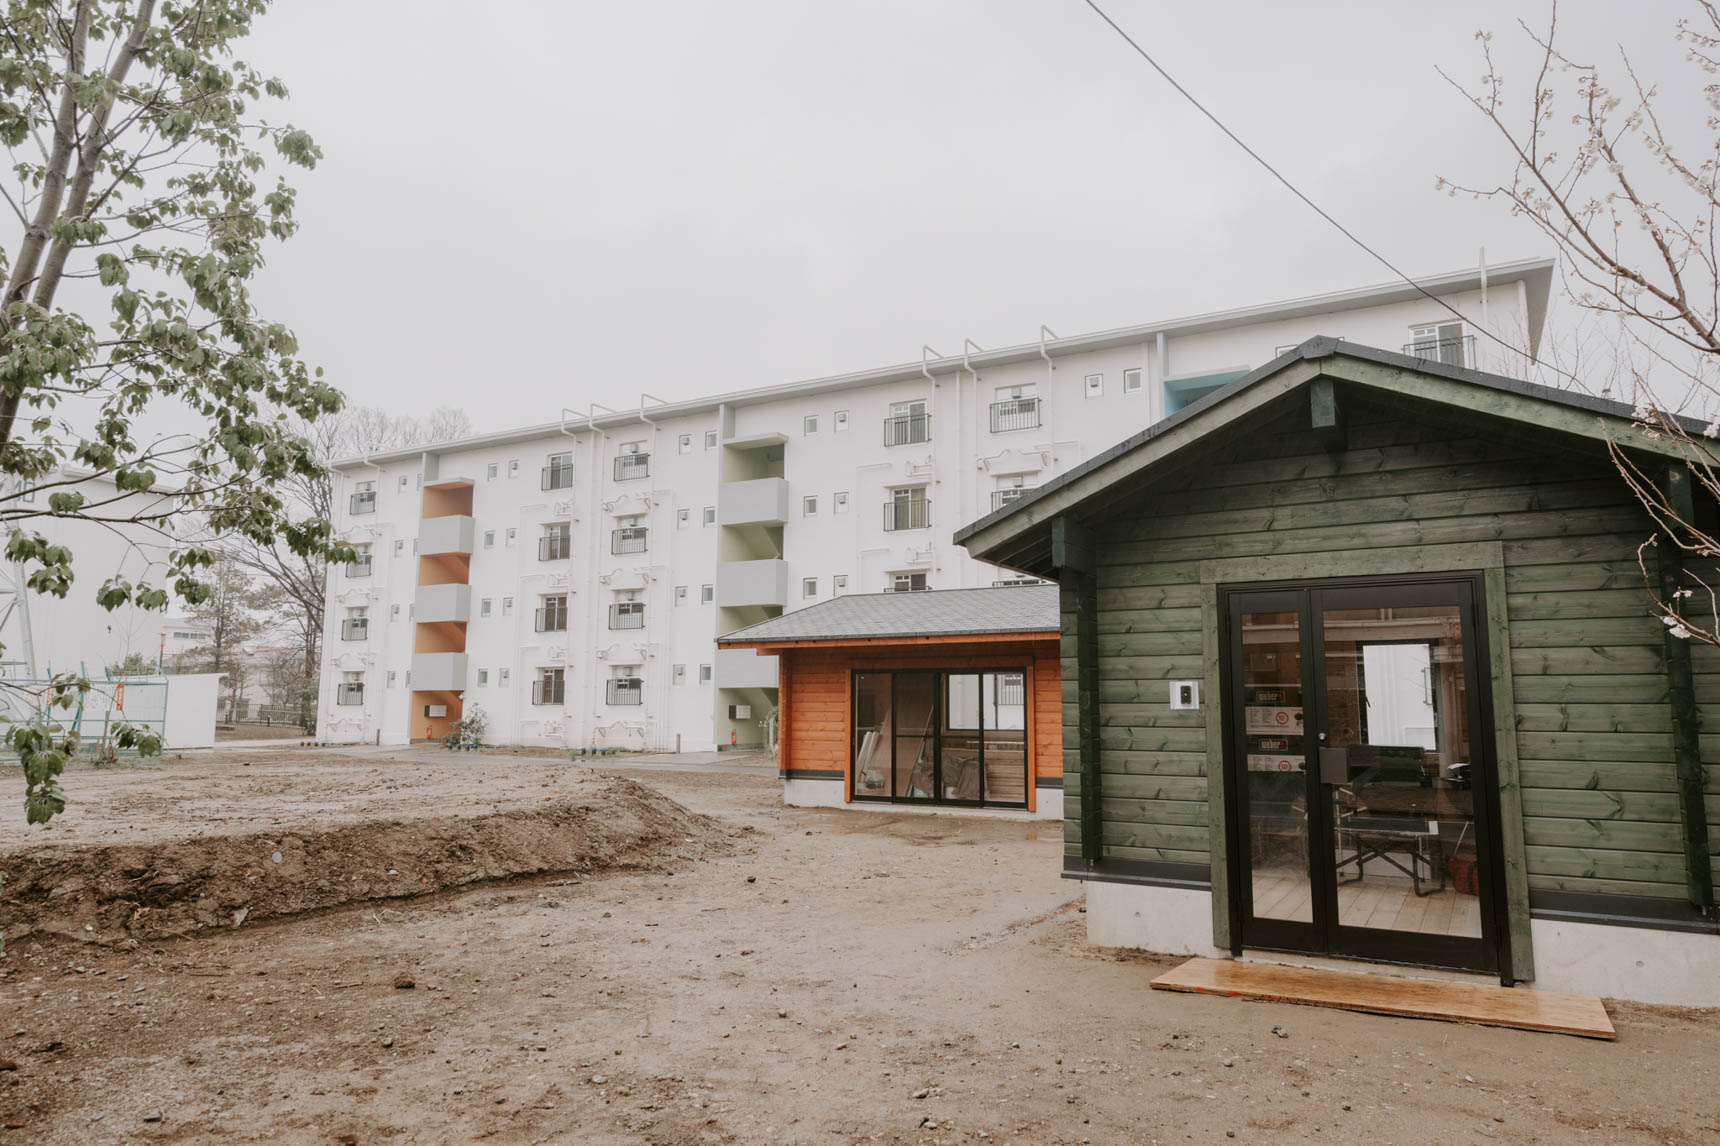 クローバー原っぱになる予定の共用庭にはログハウスが2つ。